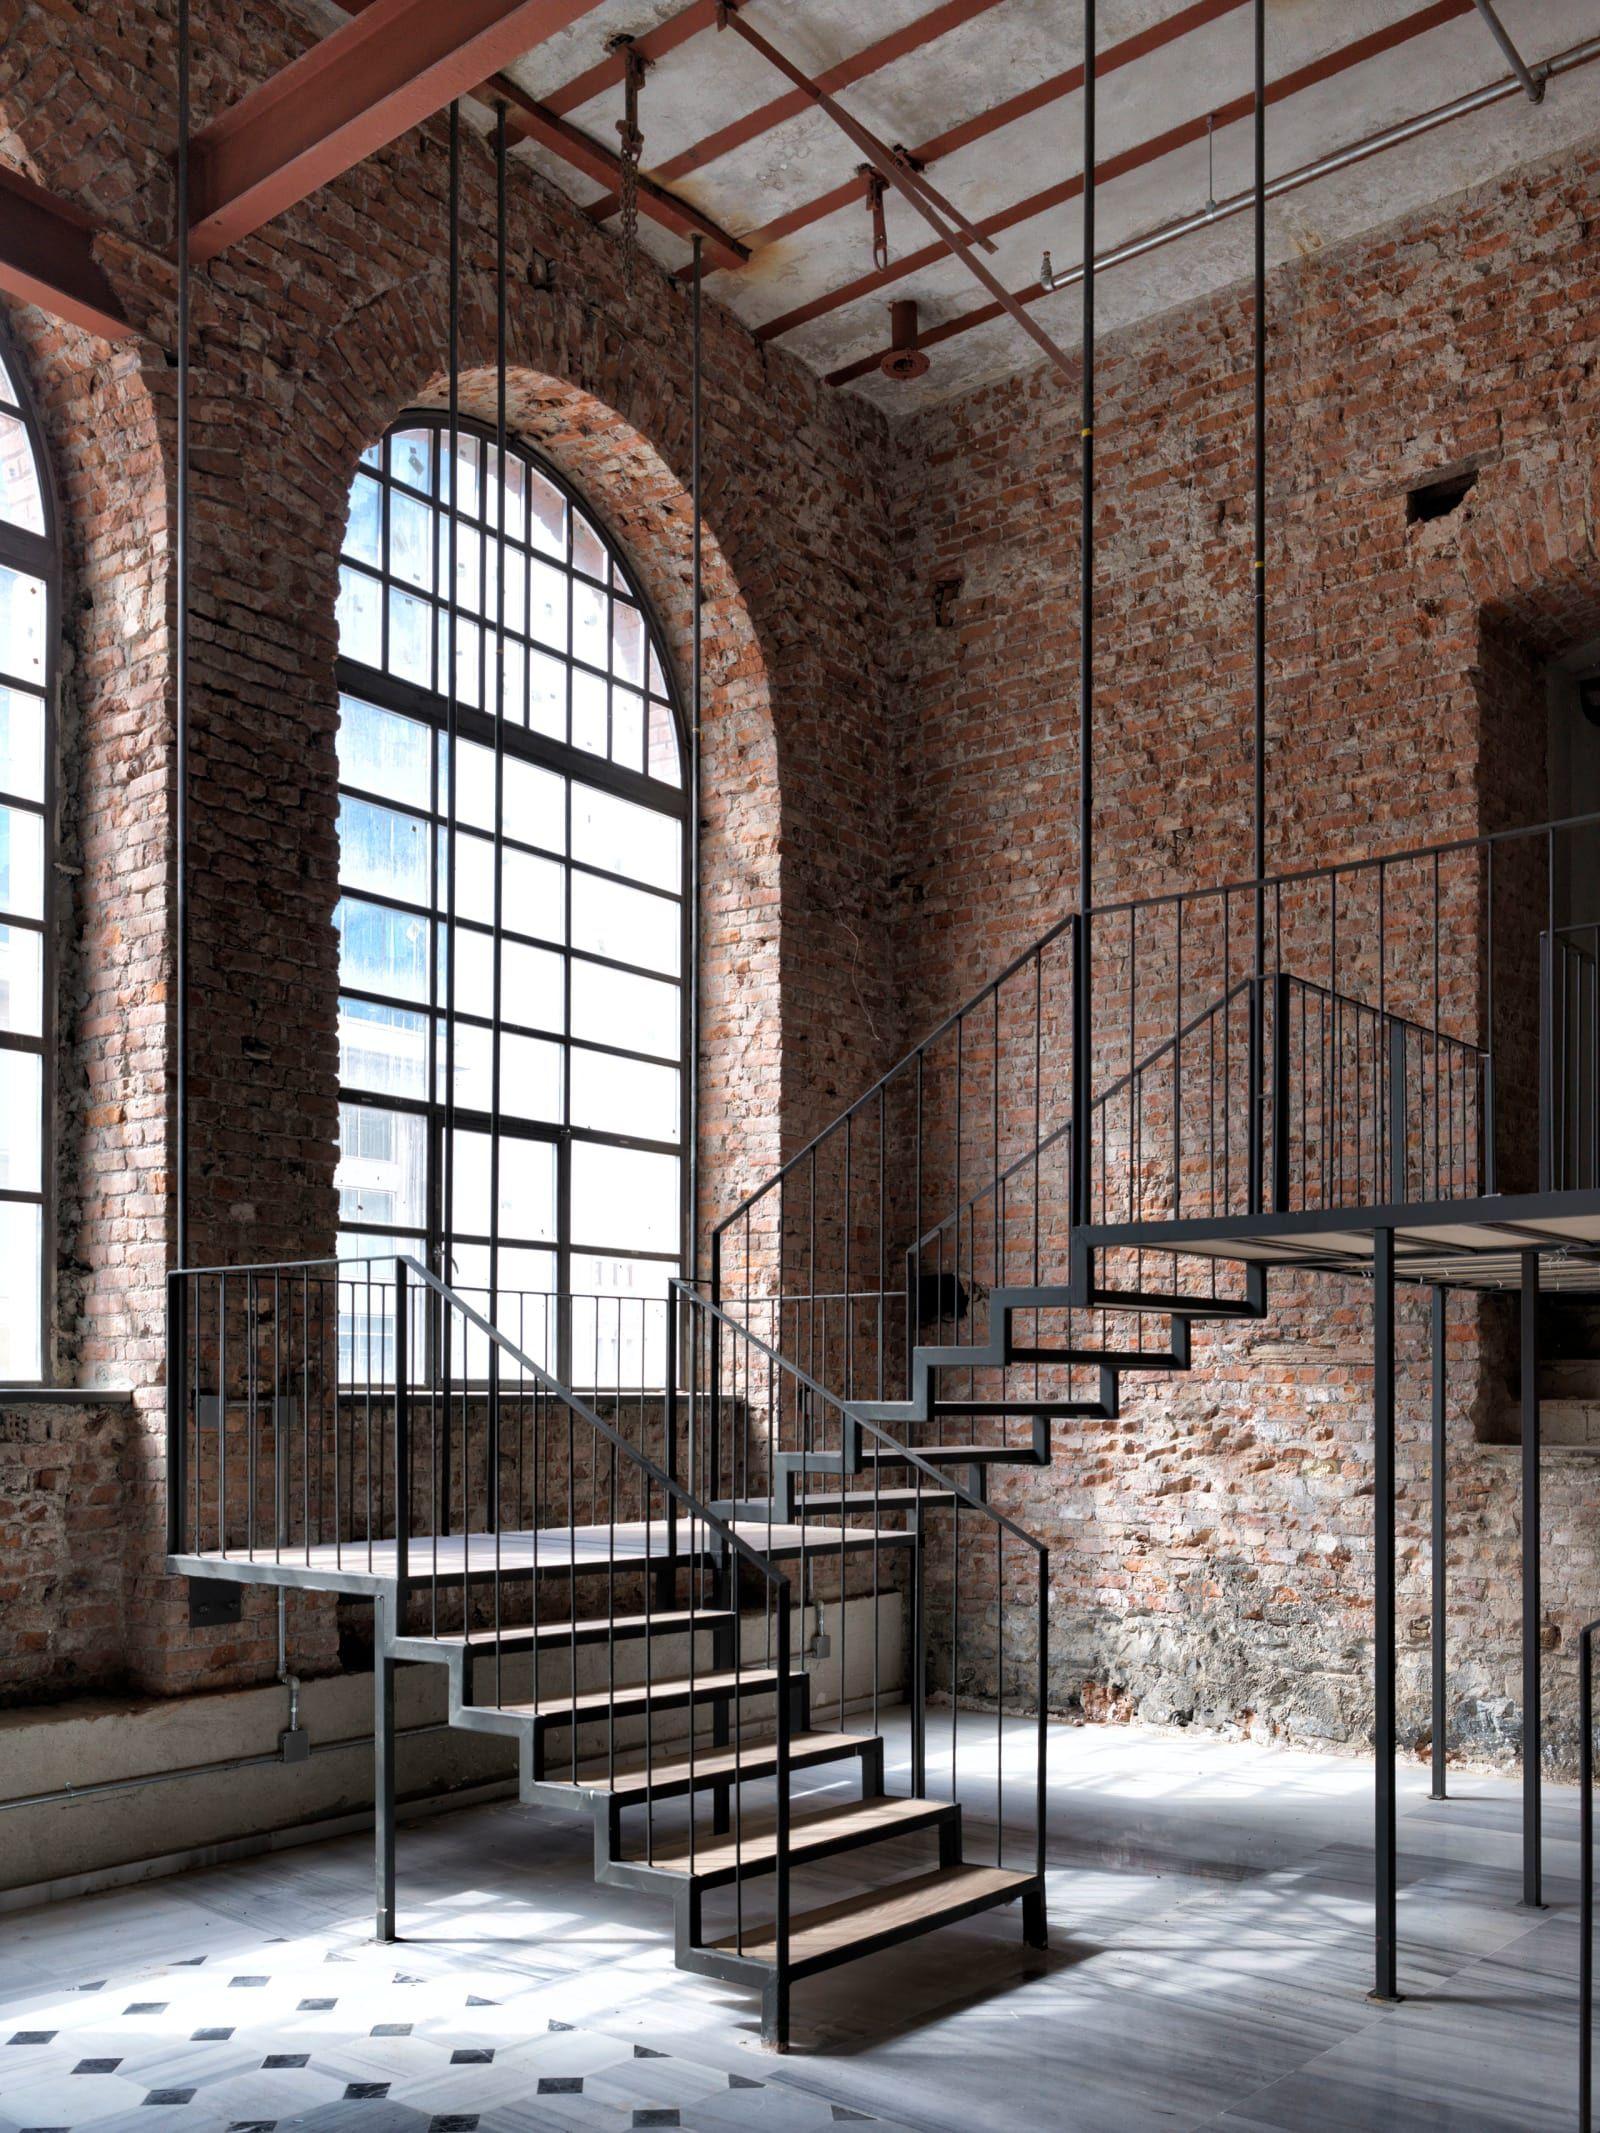 Han Tümertekin, Cemal Emden · Bomonti Brewery Loft